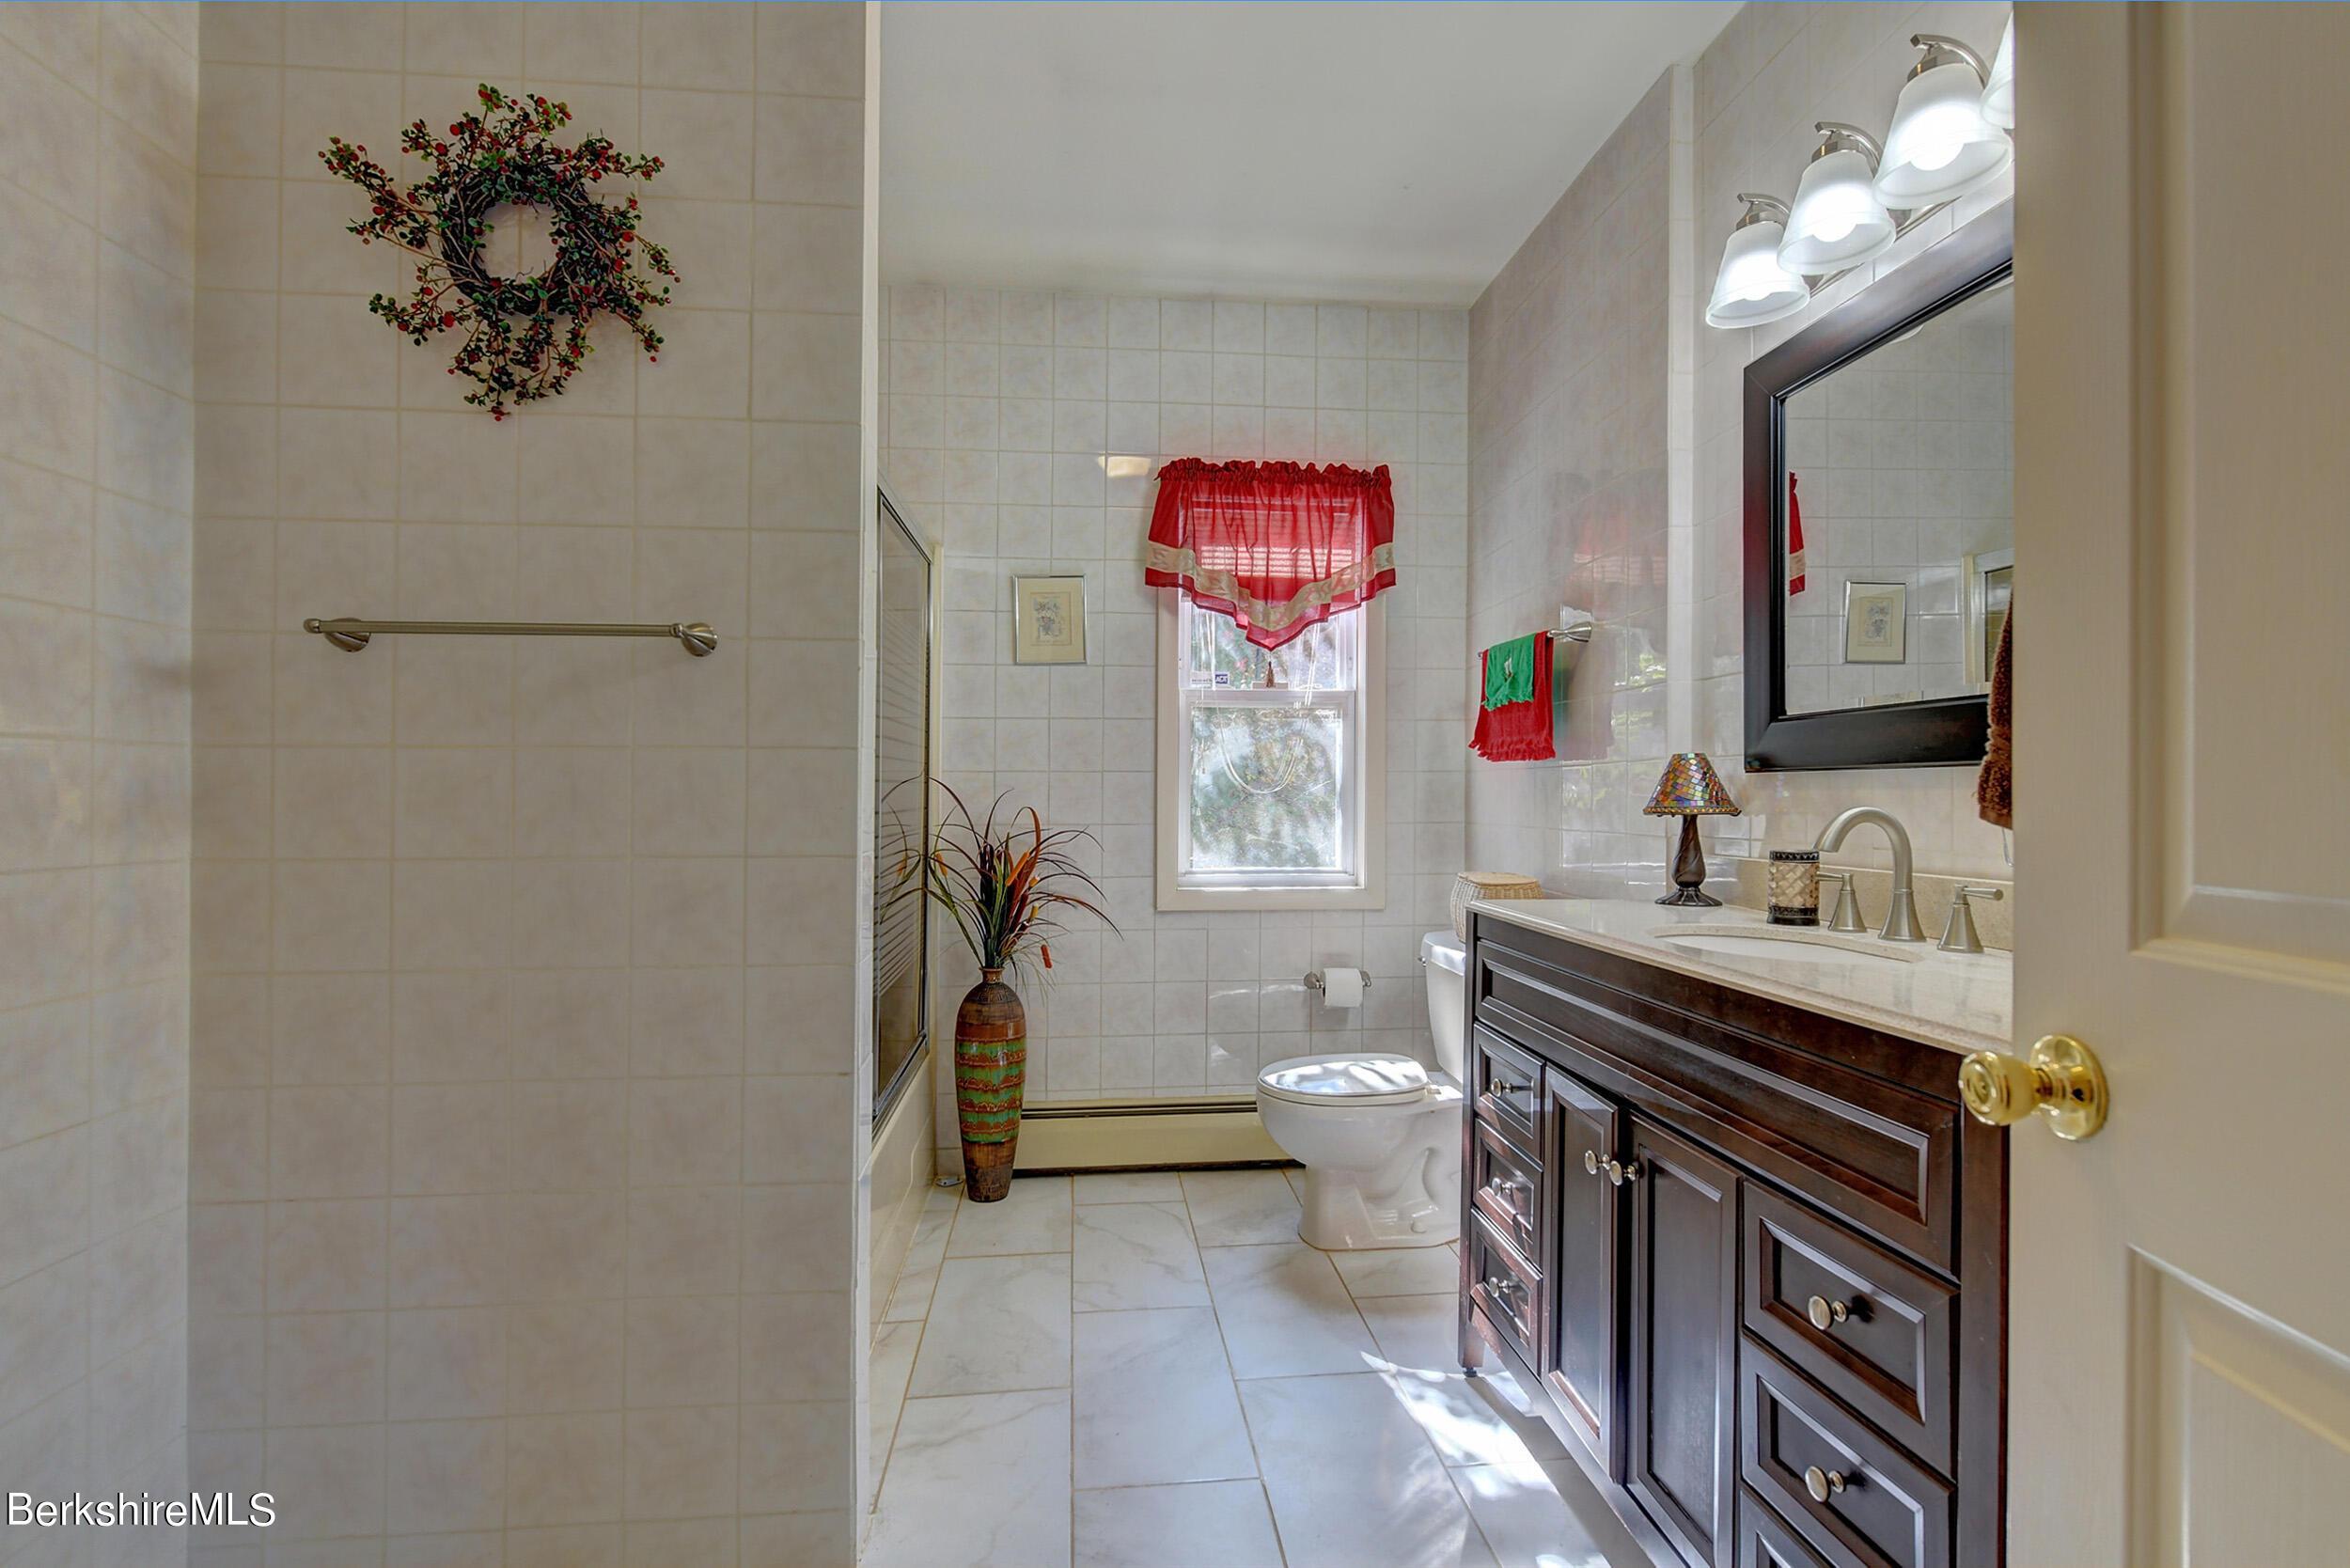 257 Bathroom